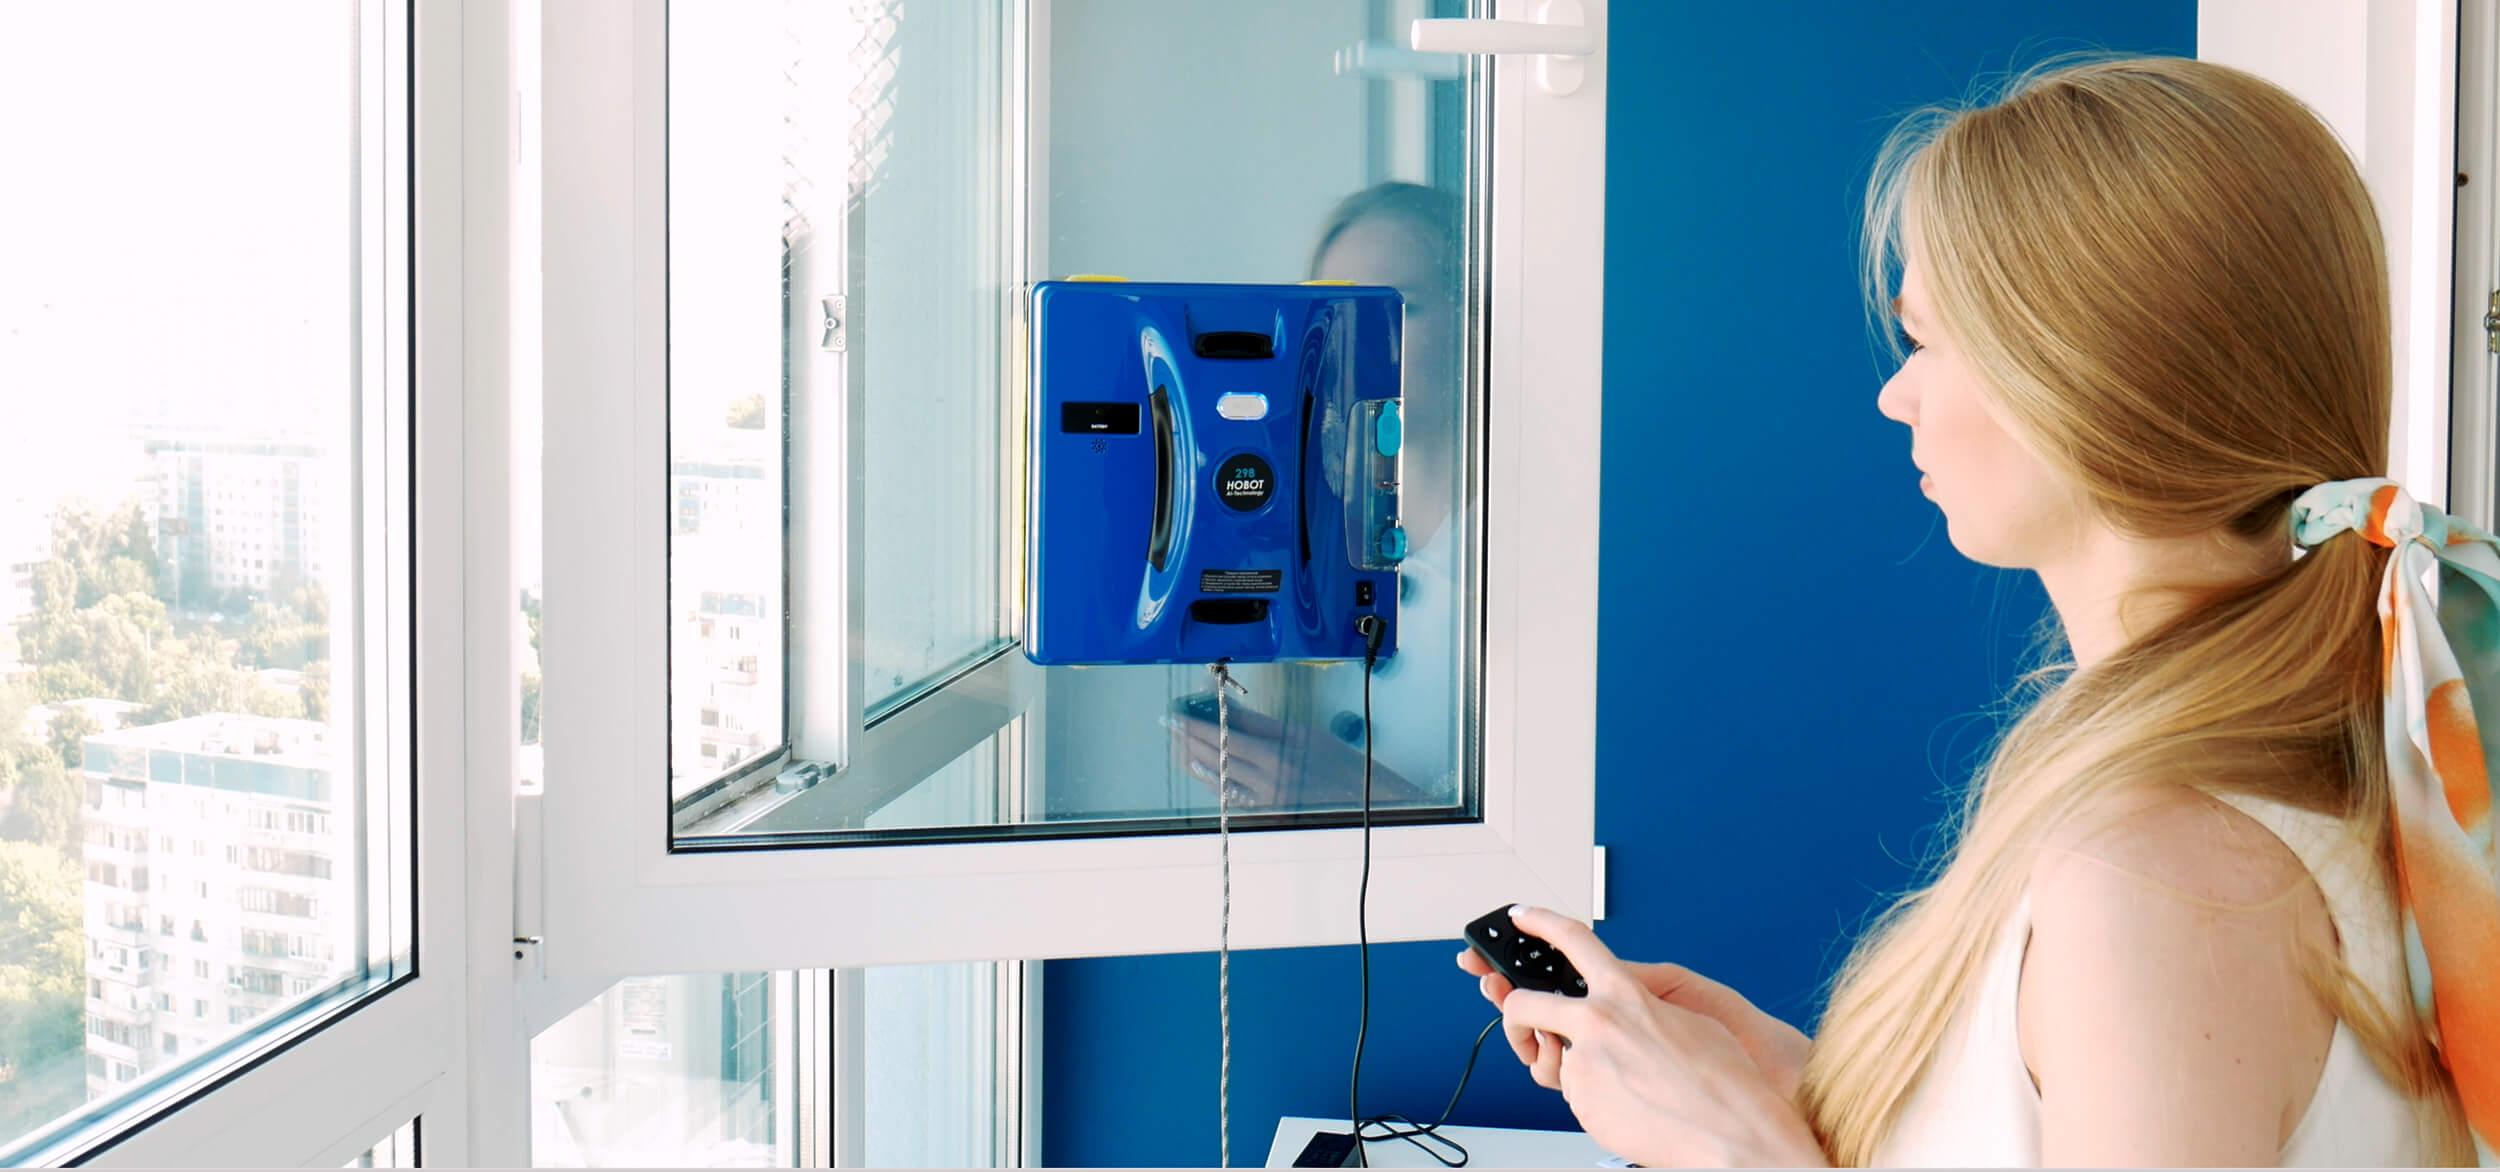 Обзор HOBOT-298 Ultrasonic – робот-мойщик окон